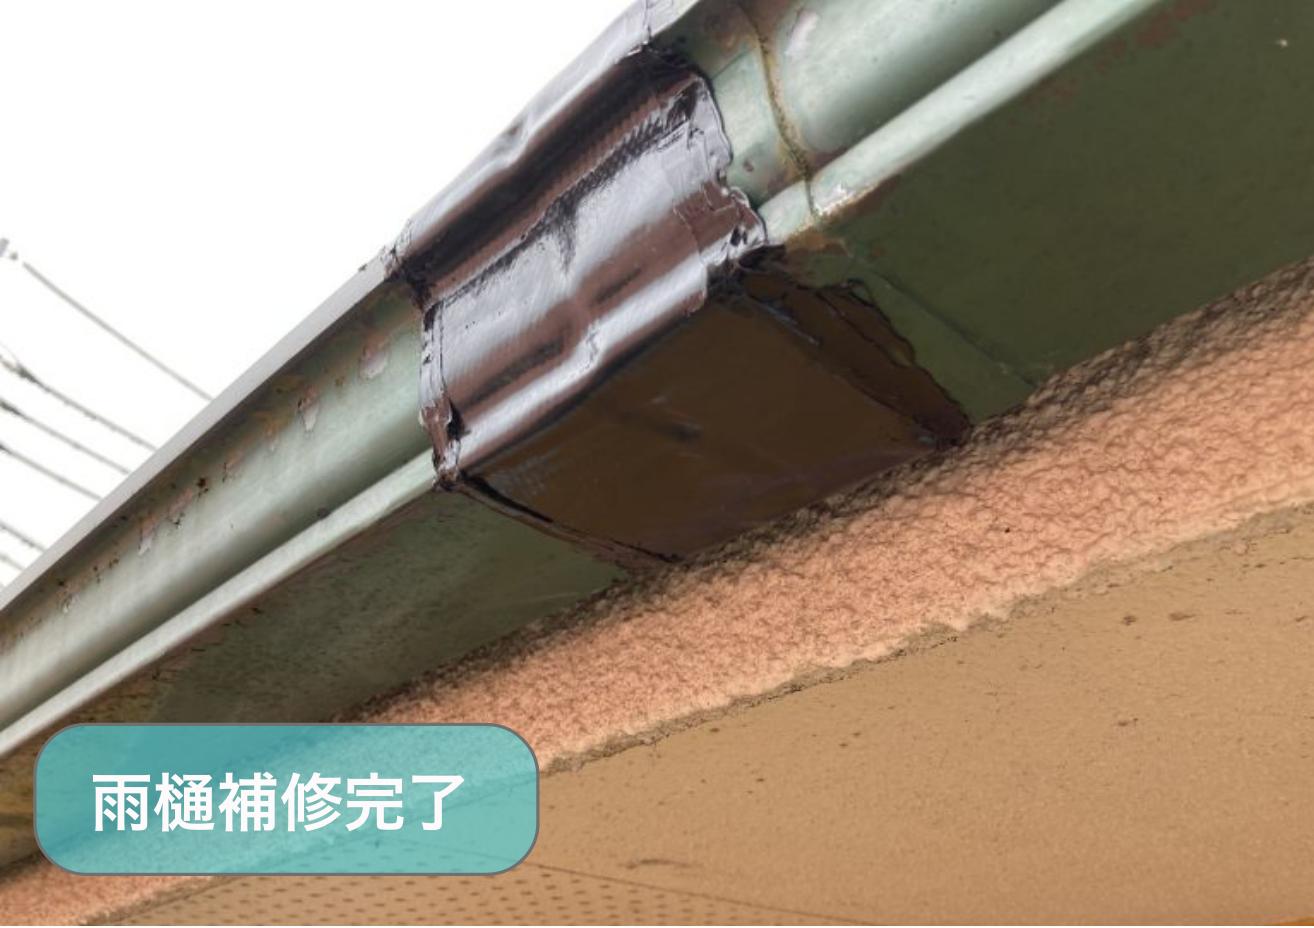 経年劣化により割れた雨樋の補修工事完了